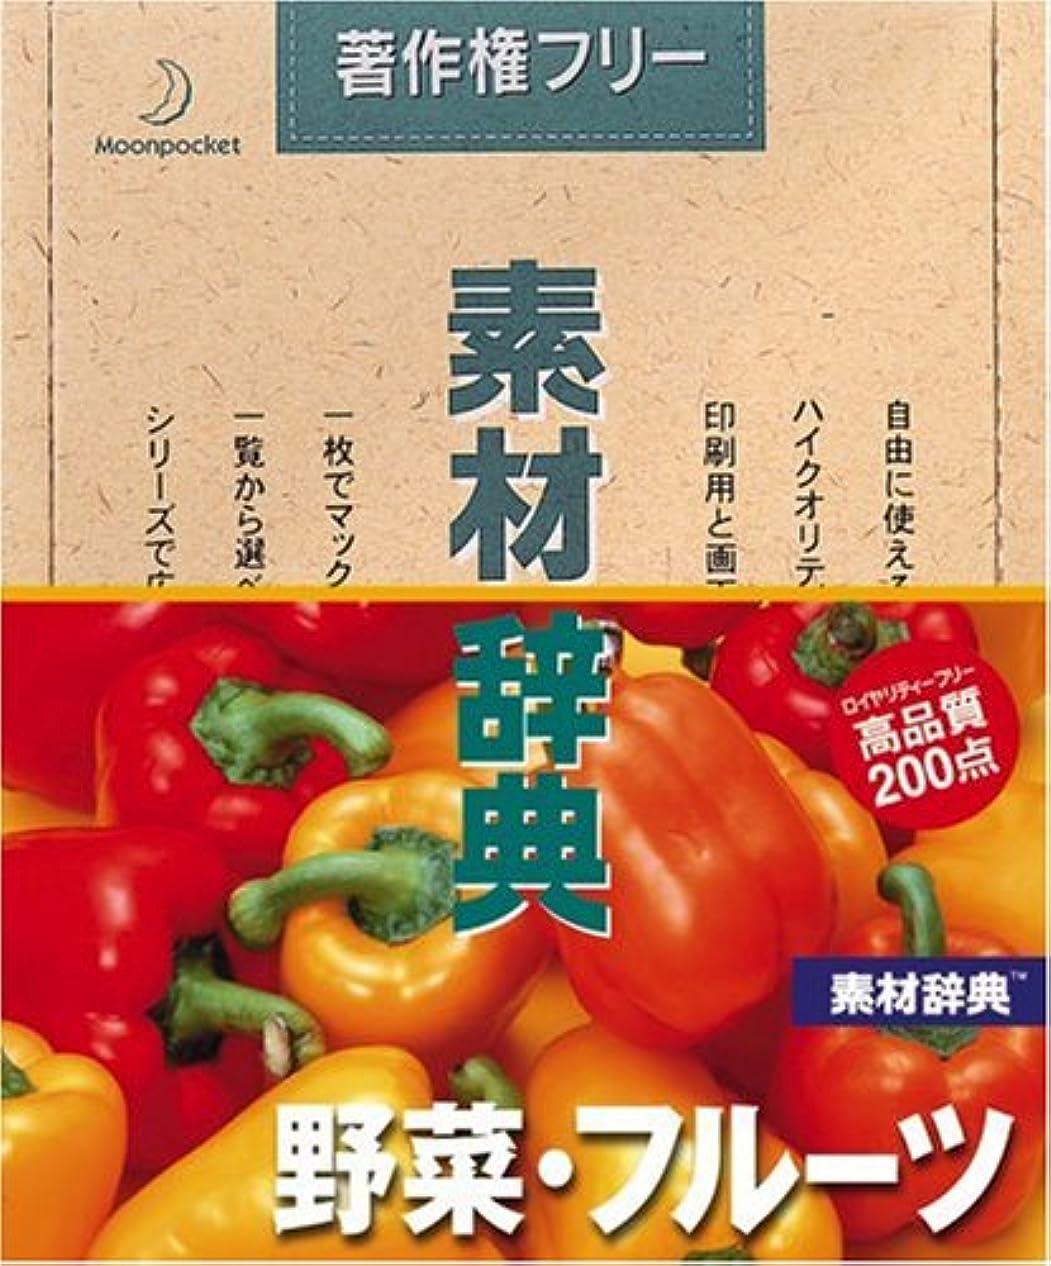 素材辞典 Vol.14 野菜?フルーツ編